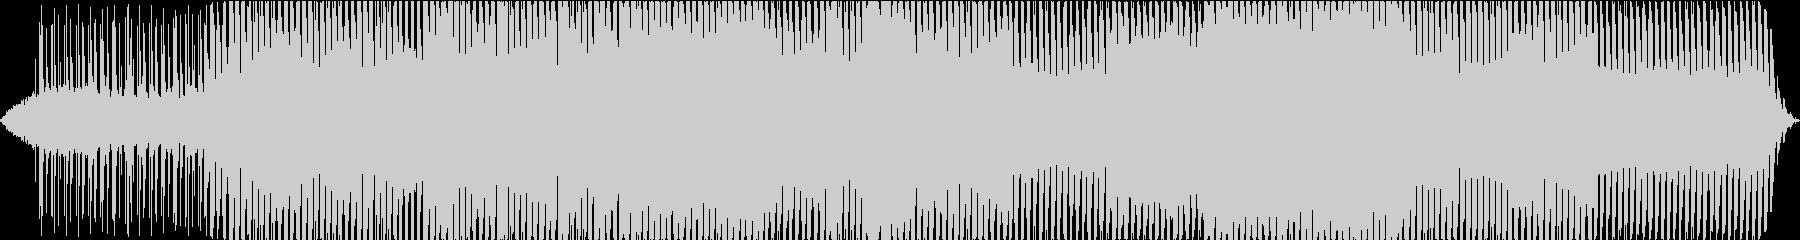 ビートの激しいダンスソングの未再生の波形